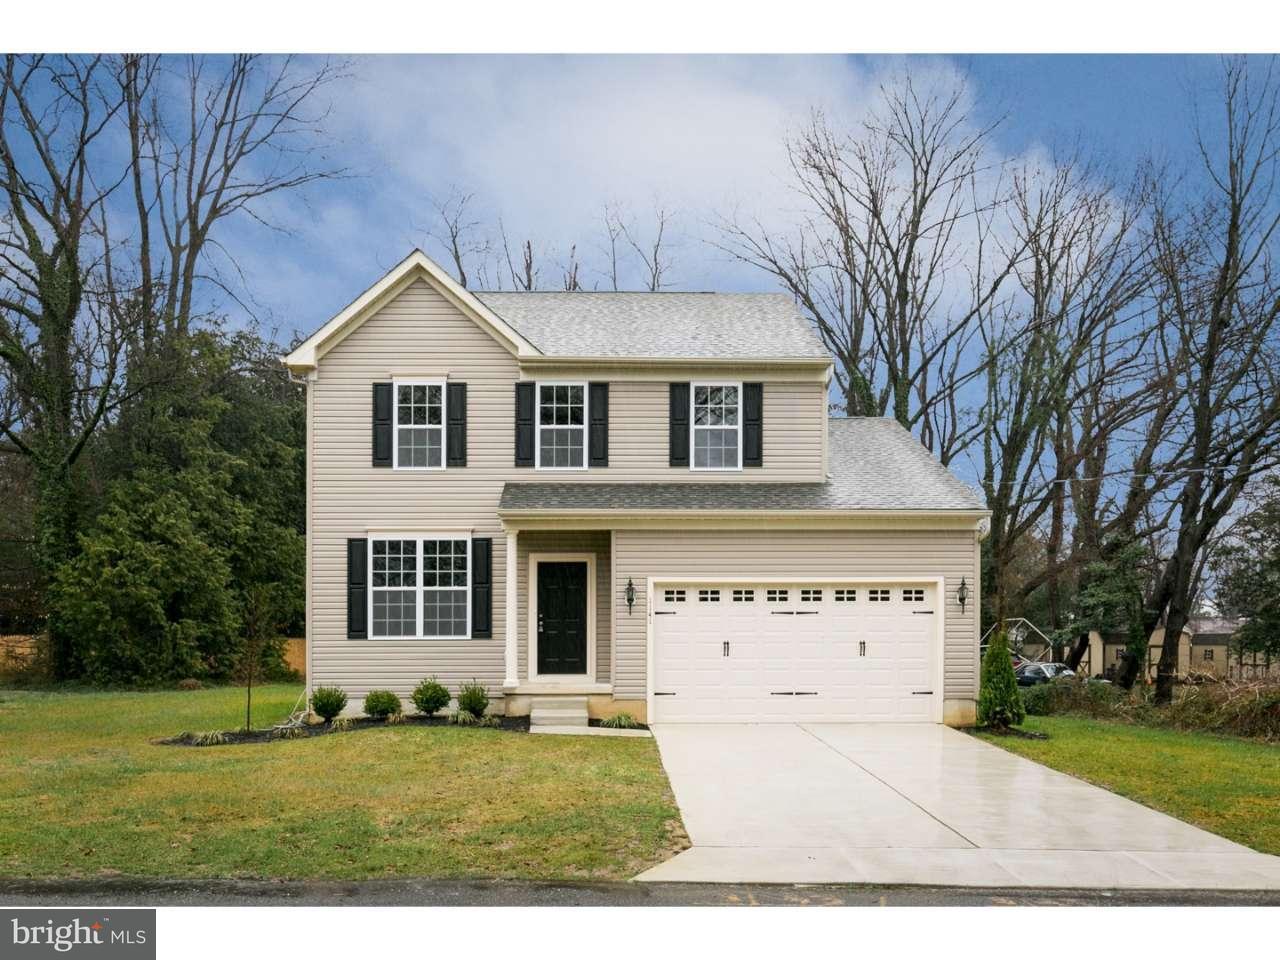 Maison unifamiliale pour l Vente à 1143 FERNWOOD Avenue Cinnaminson, New Jersey 08077 États-Unis